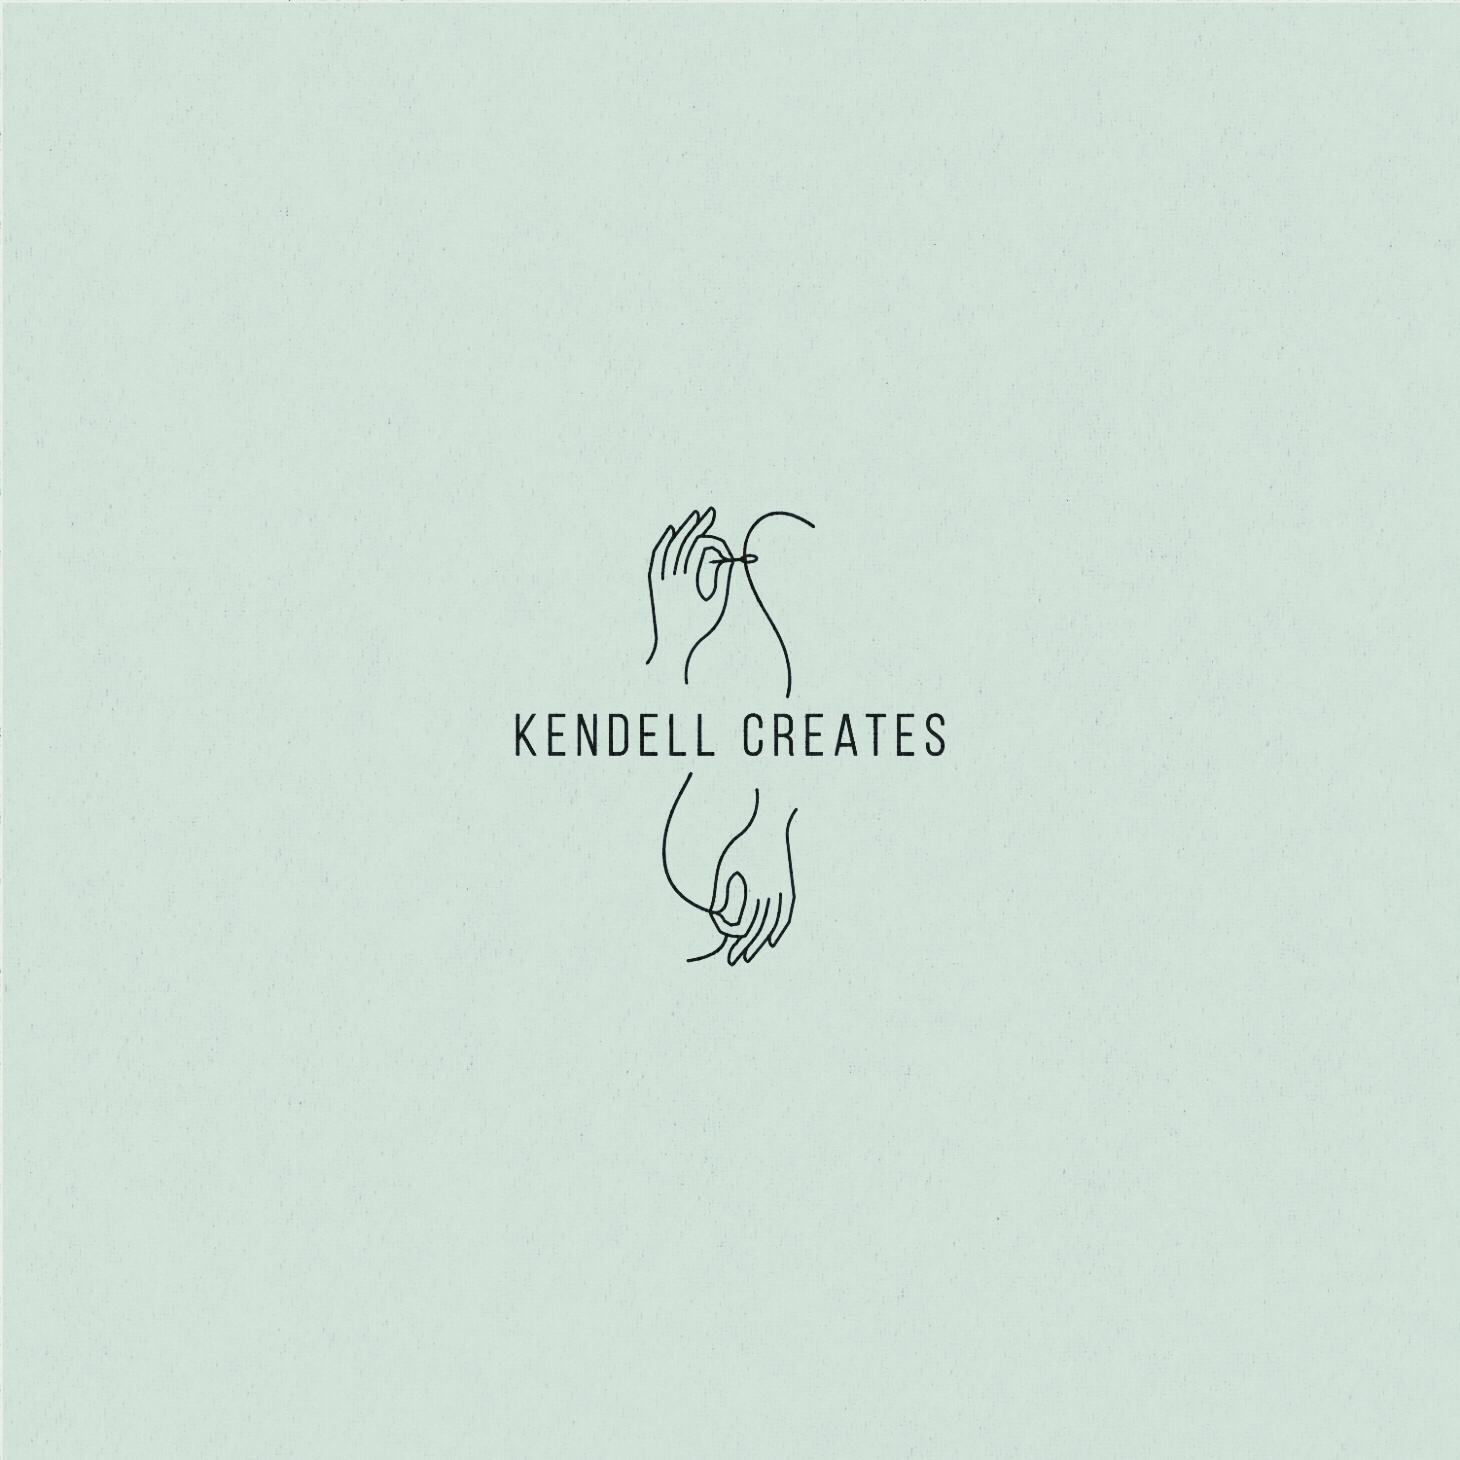 k-creates-pic.jpg